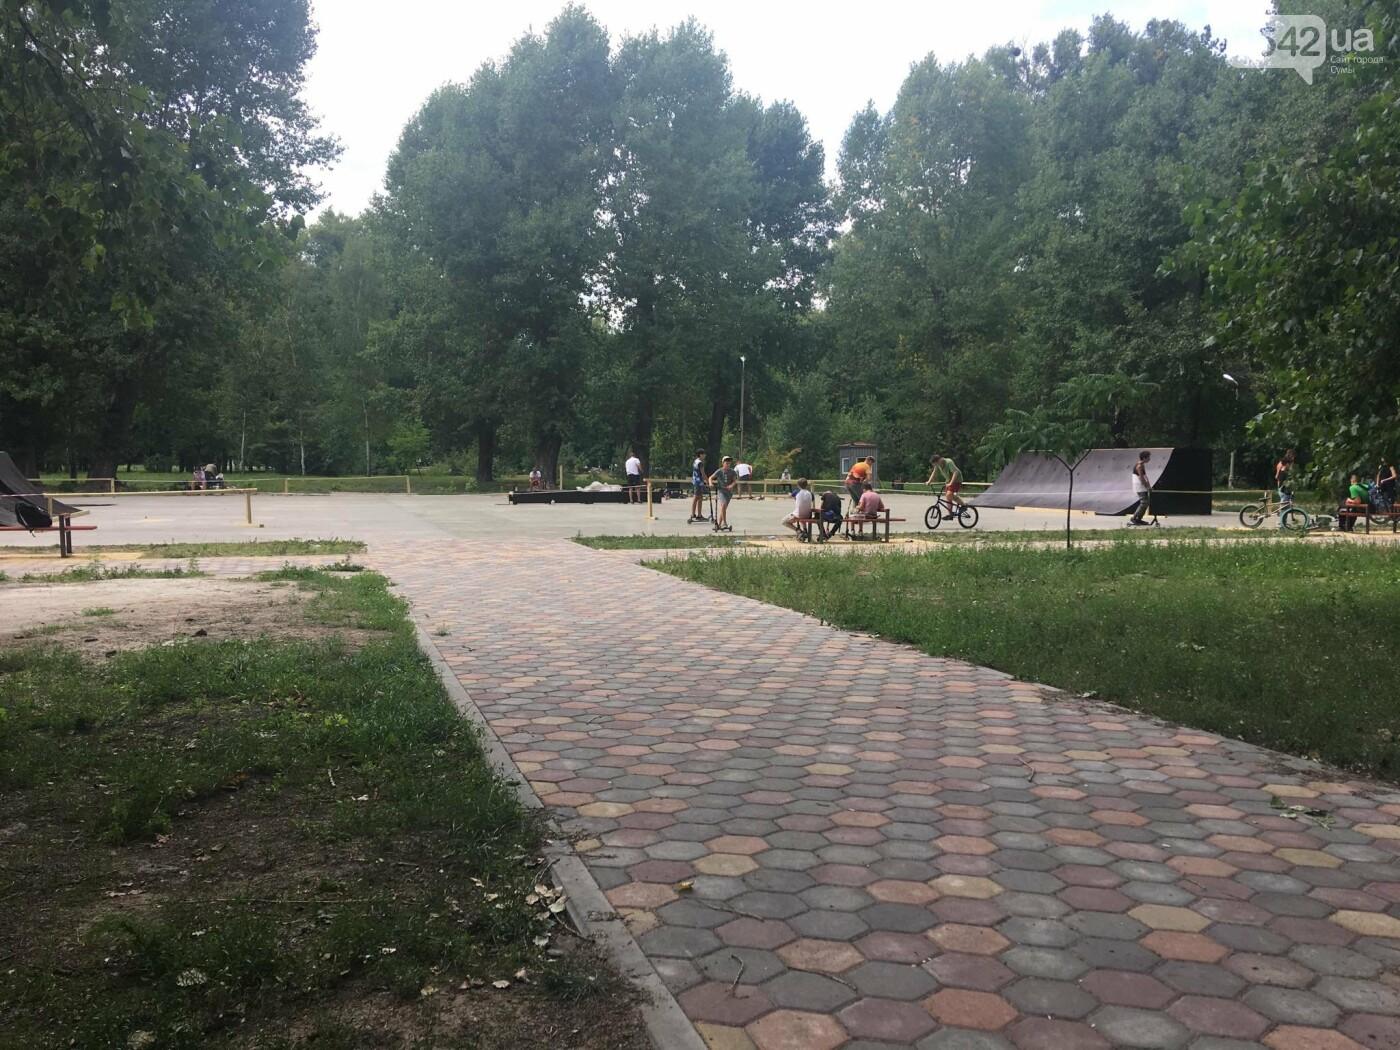 У міському парку у Сумах невдовзі завершать будівництво скейт-парку , фото-1